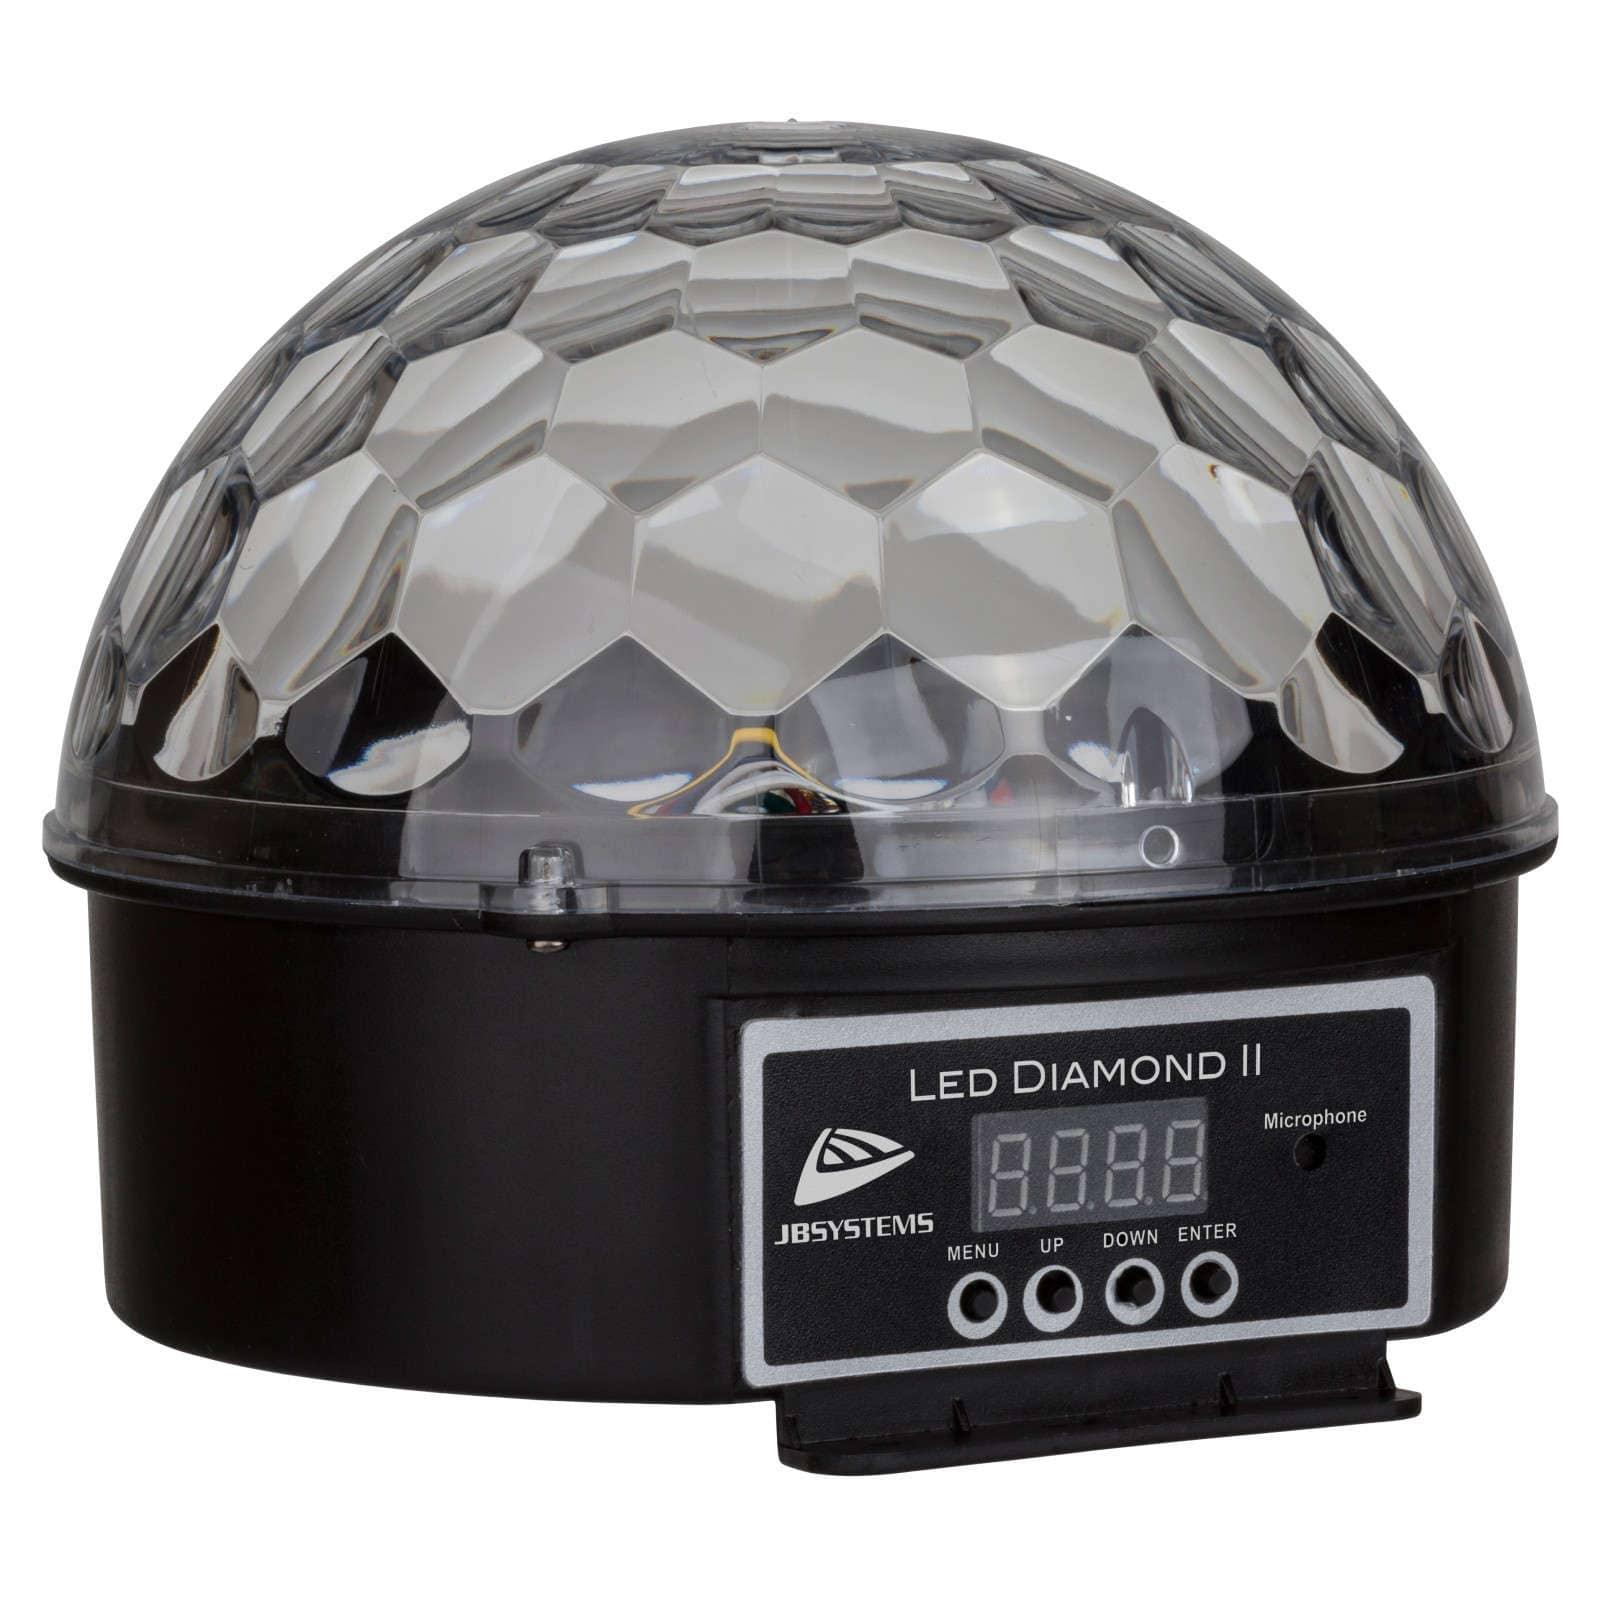 Lichteffekte - JB Systems LED Diamond II - Onlineshop Musikhaus Kirstein